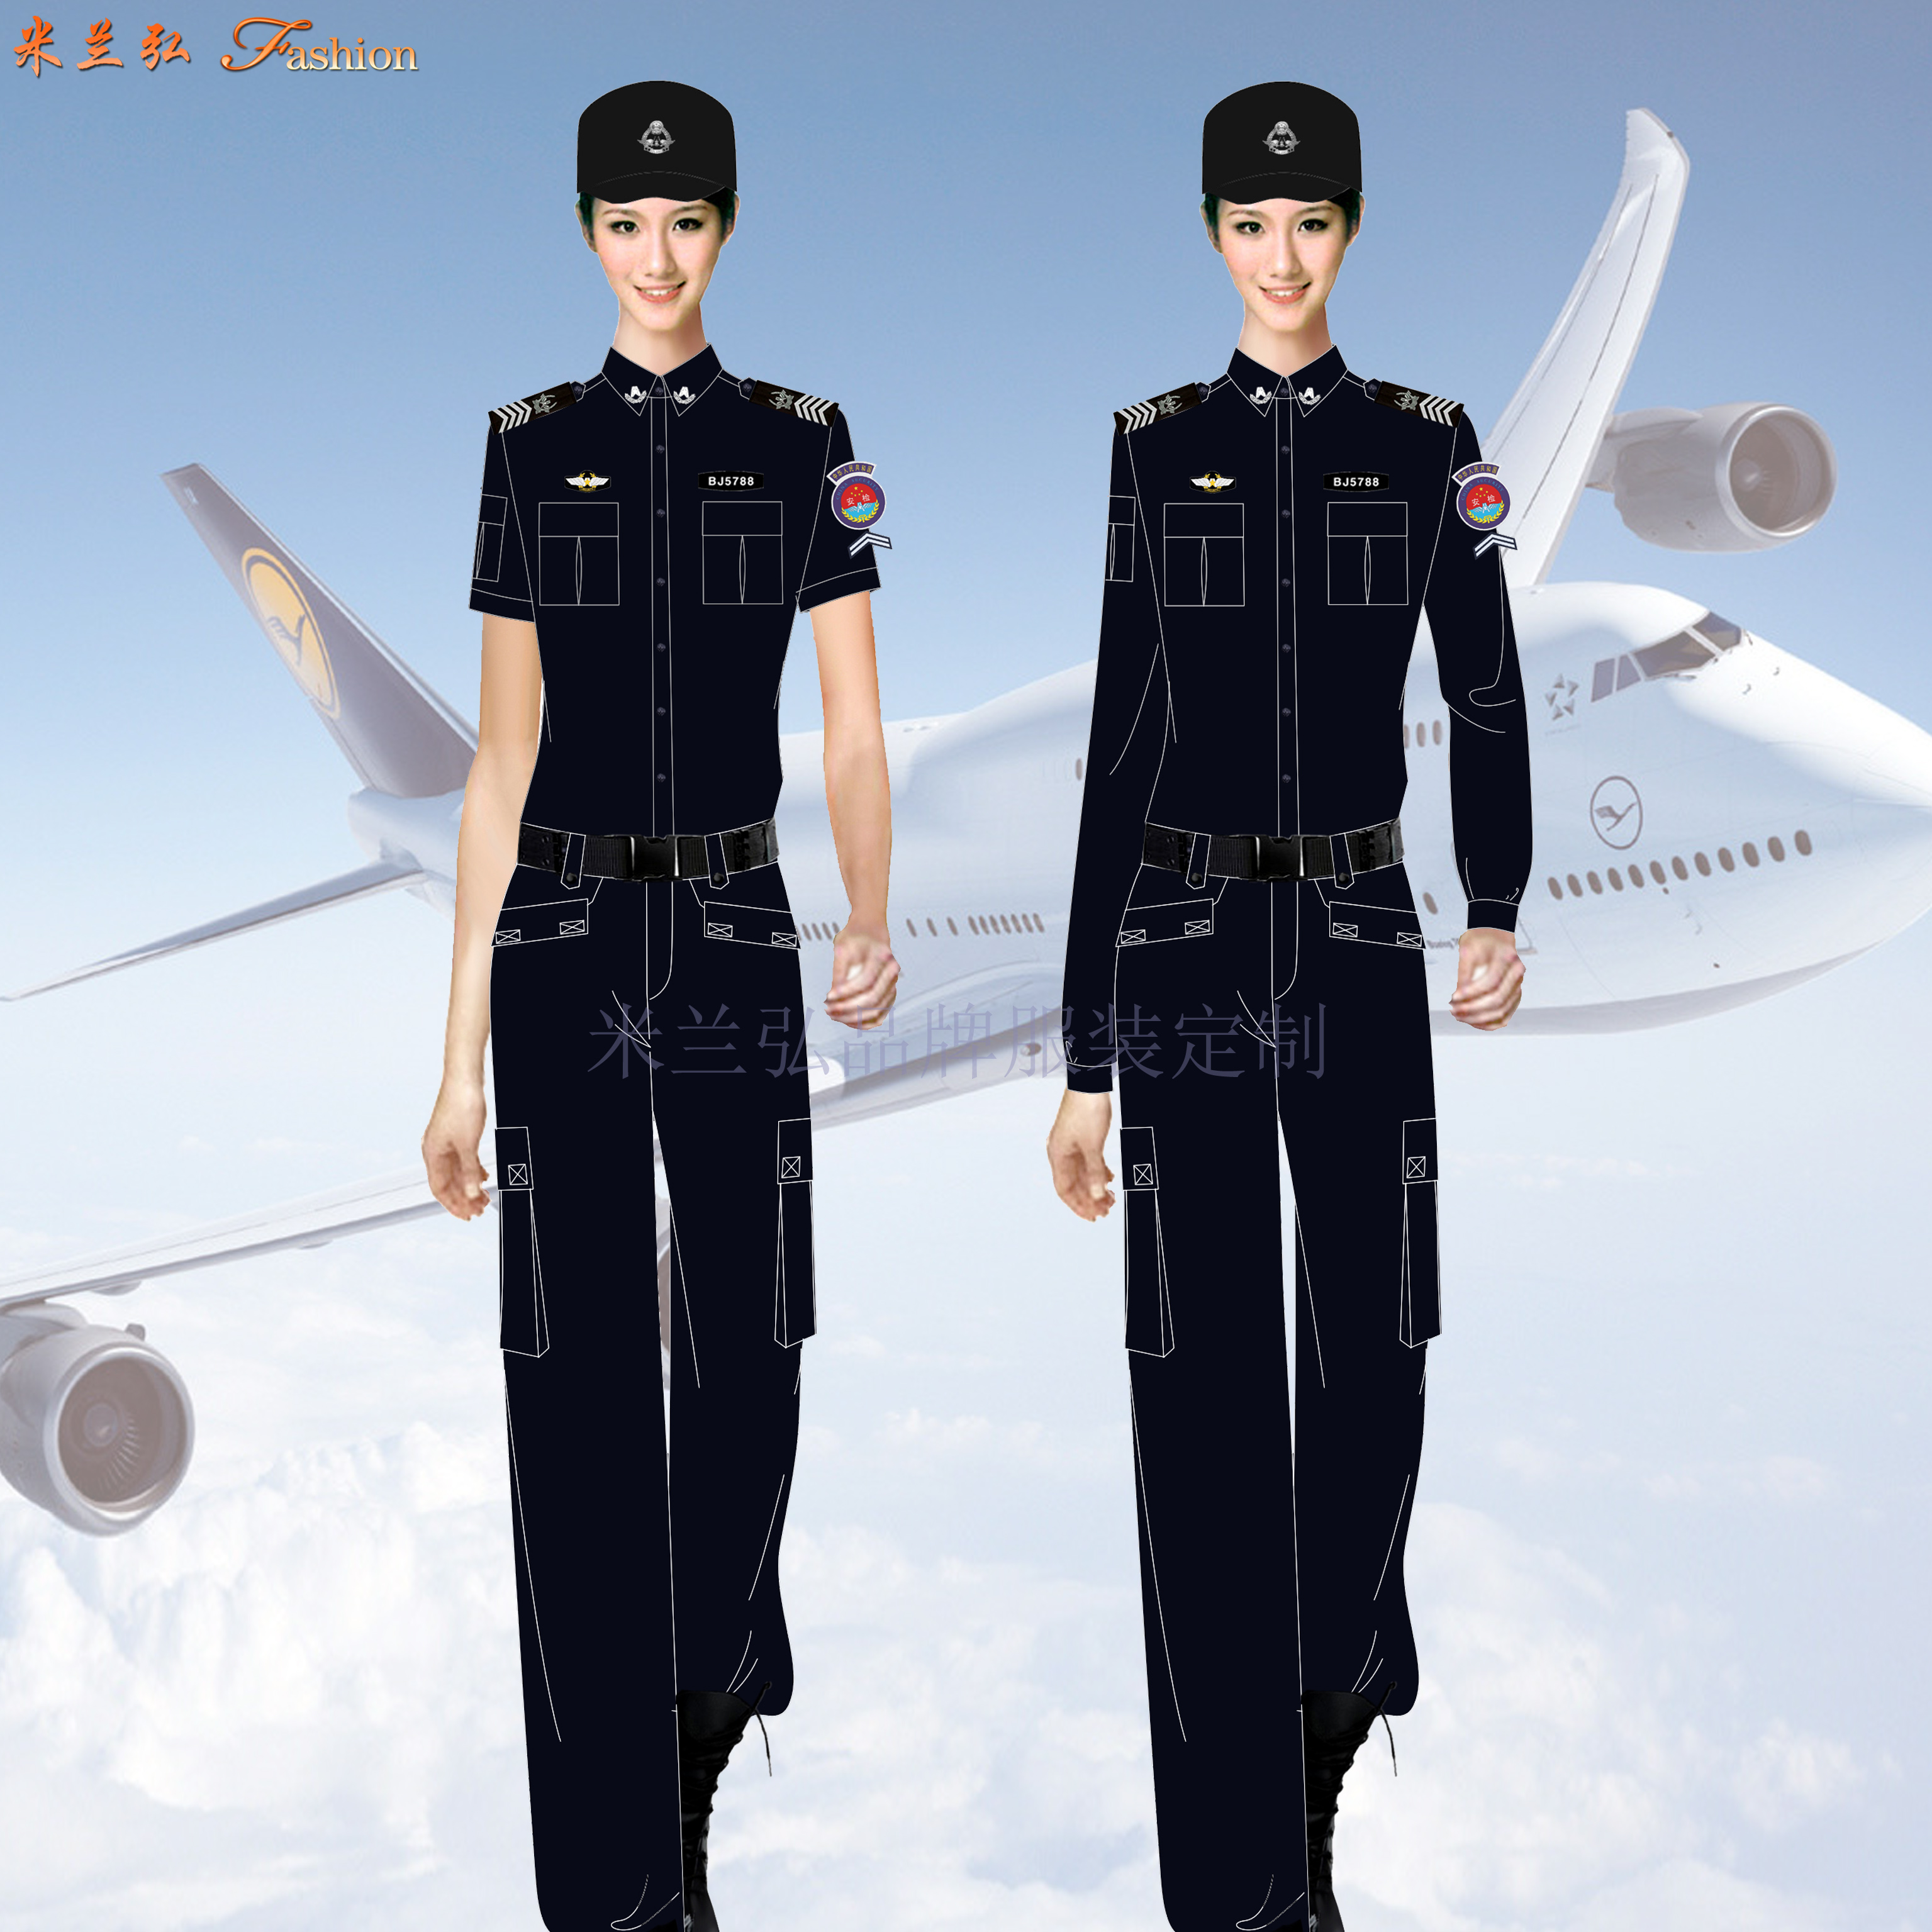 「北京安检服订做」「地铁安检服定作」「城轨安检服定制」👍-4